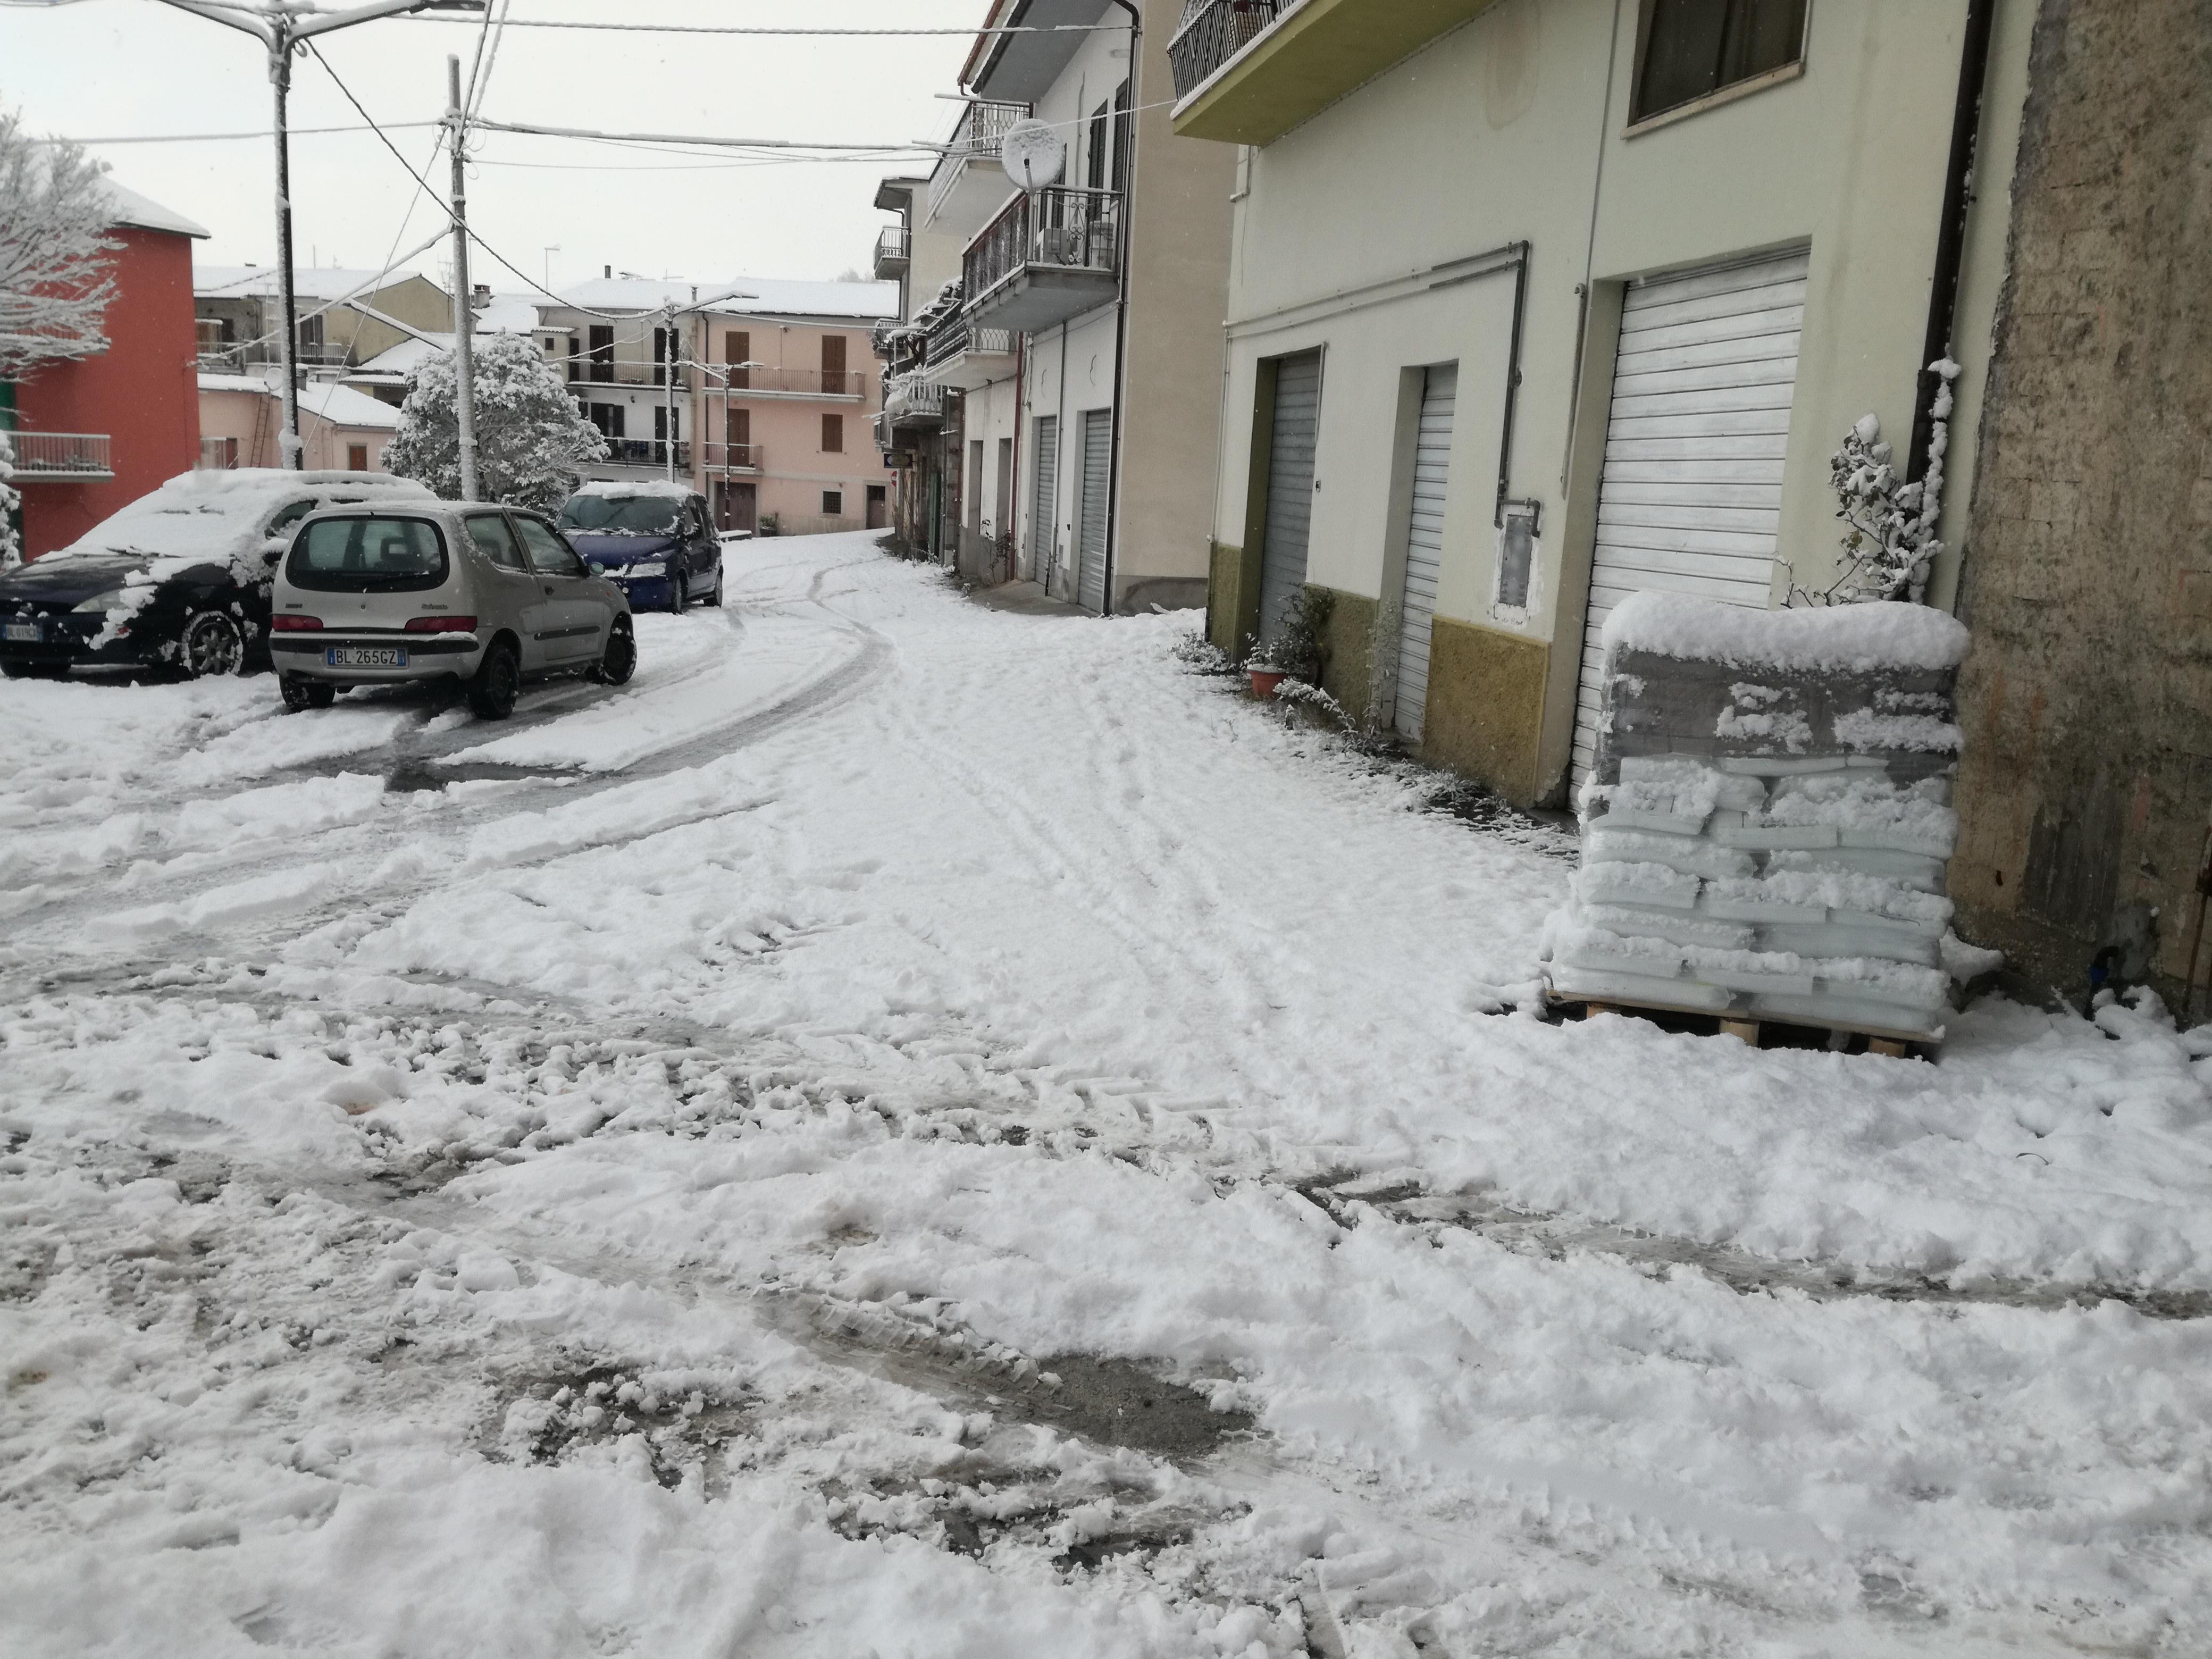 Emergenza neve: diramata allerta meteo tra Abruzzo e Molise per le prossime 24-30 ore. Ha ripreso  a nevicare quasi dappertutto. Guarda il video.